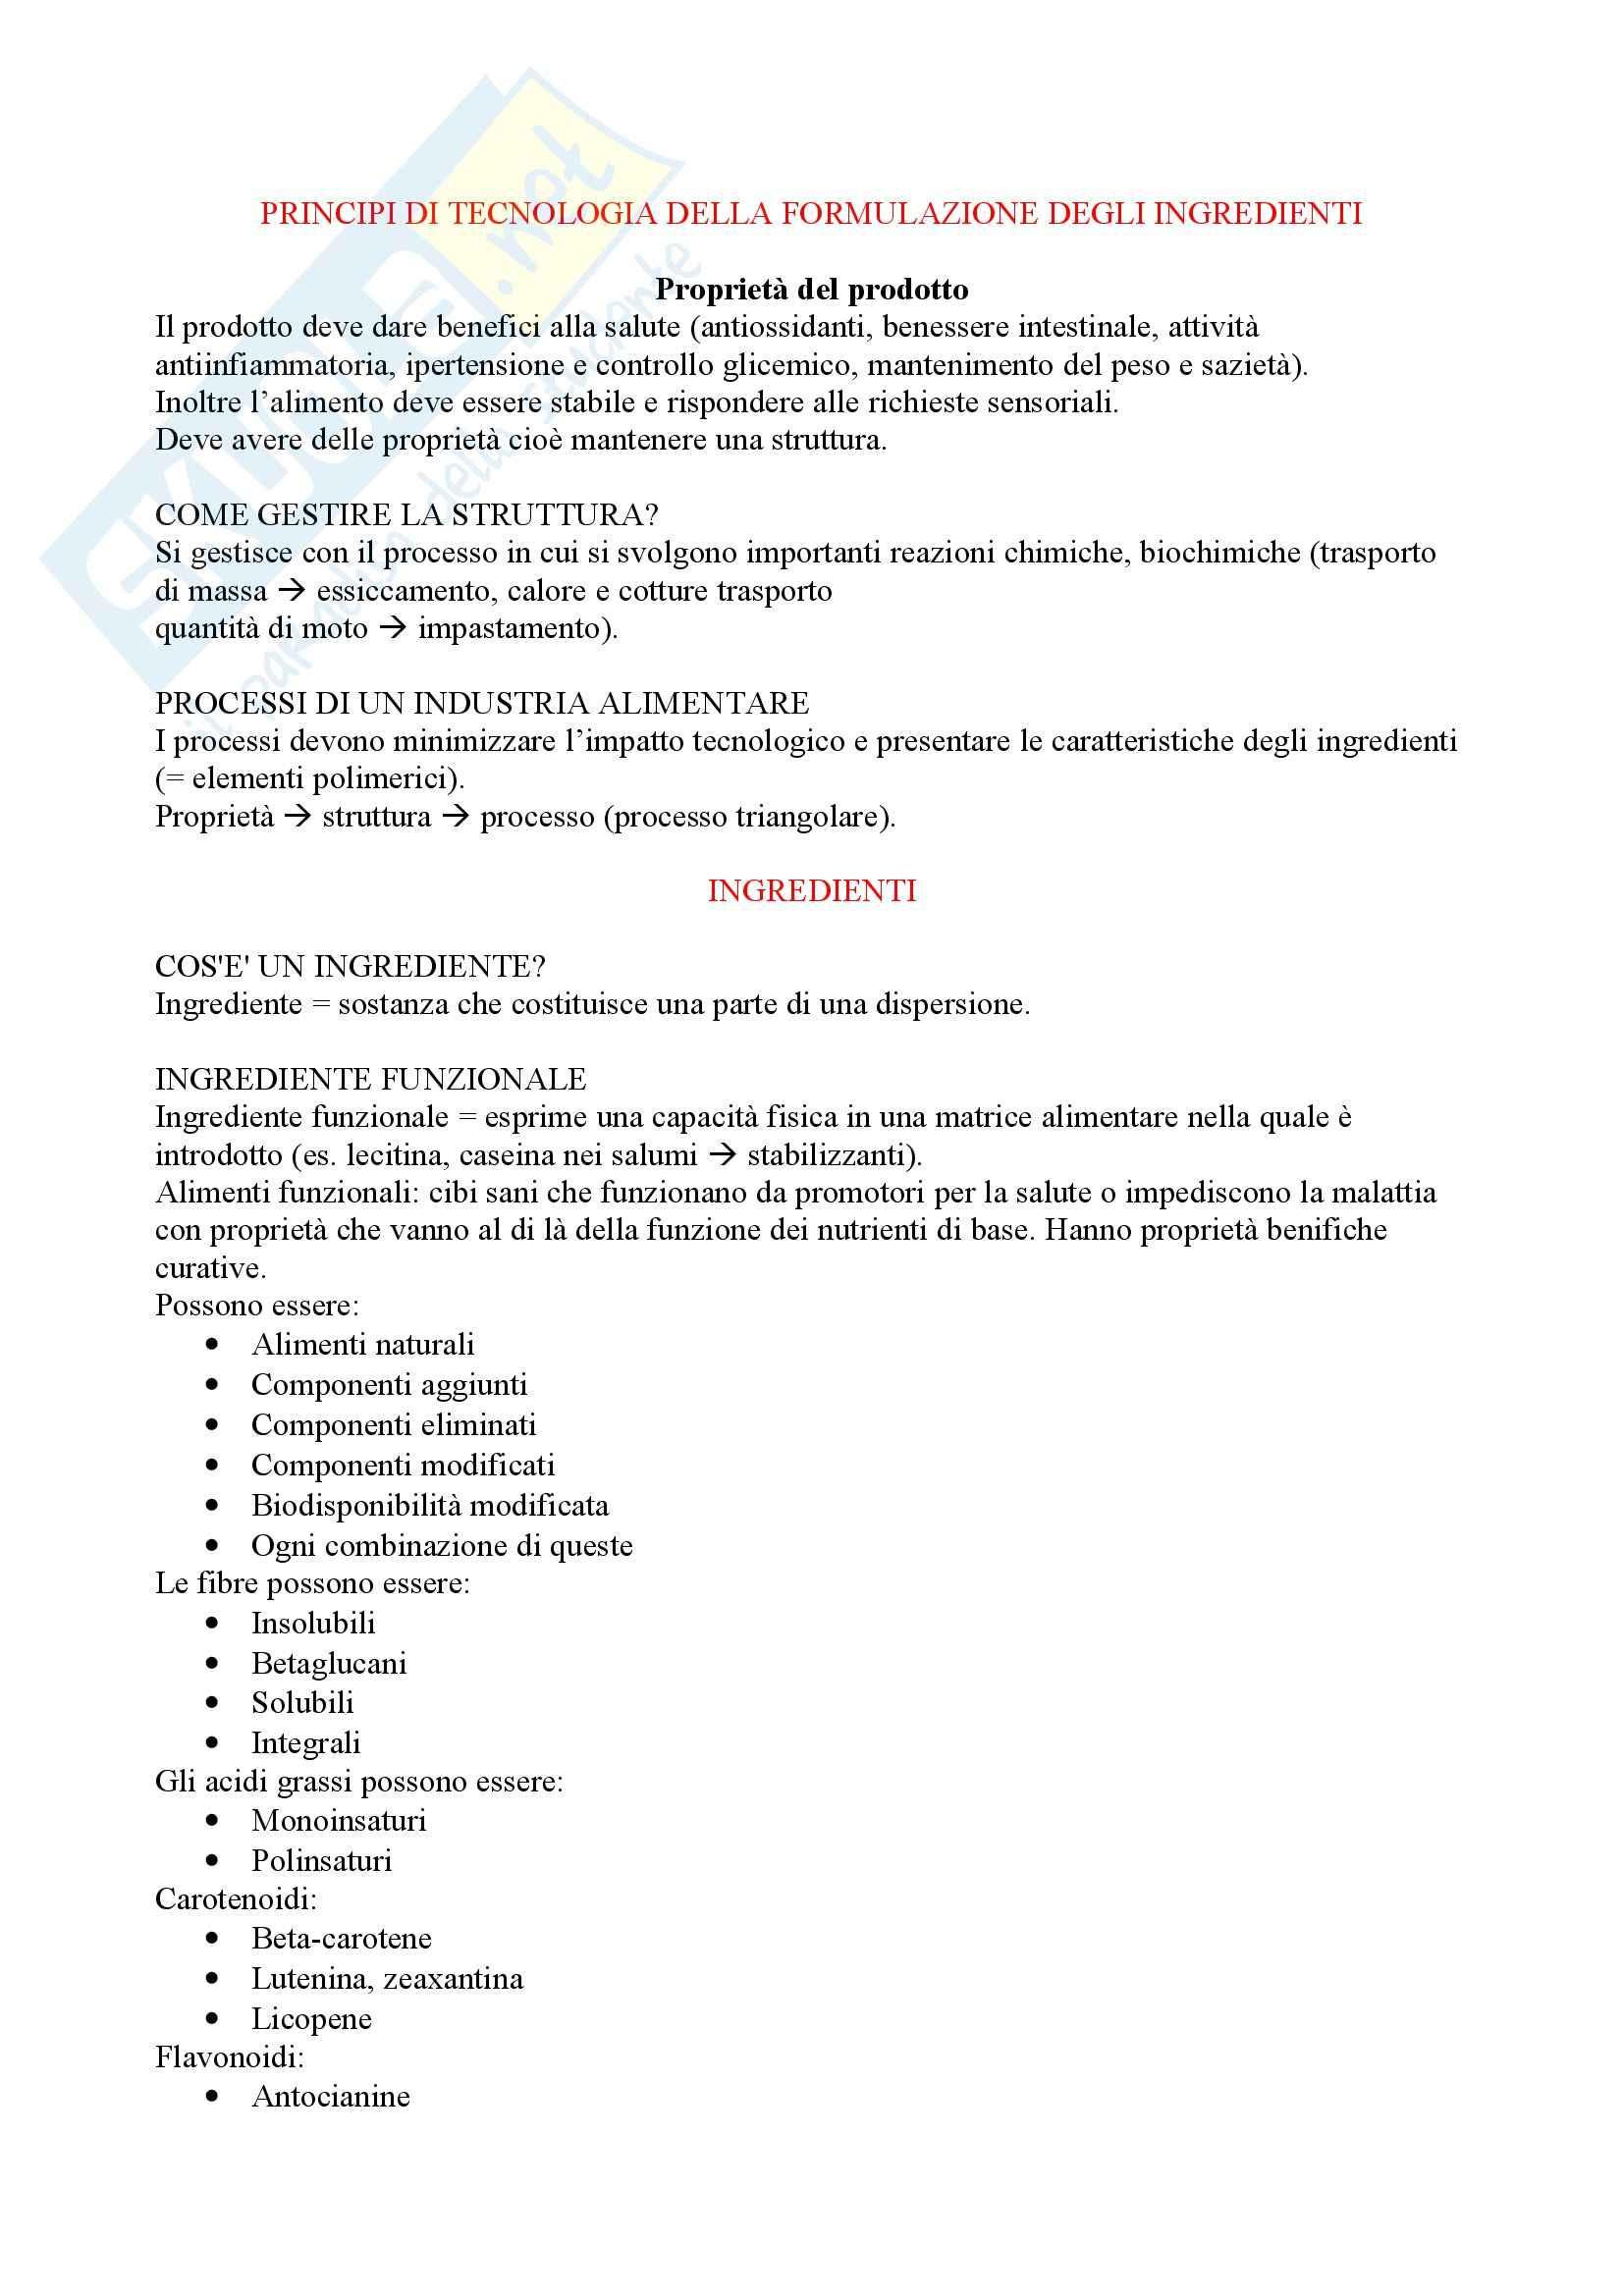 Tecnologia della formulazione dei prodotti alimentari - Appunti